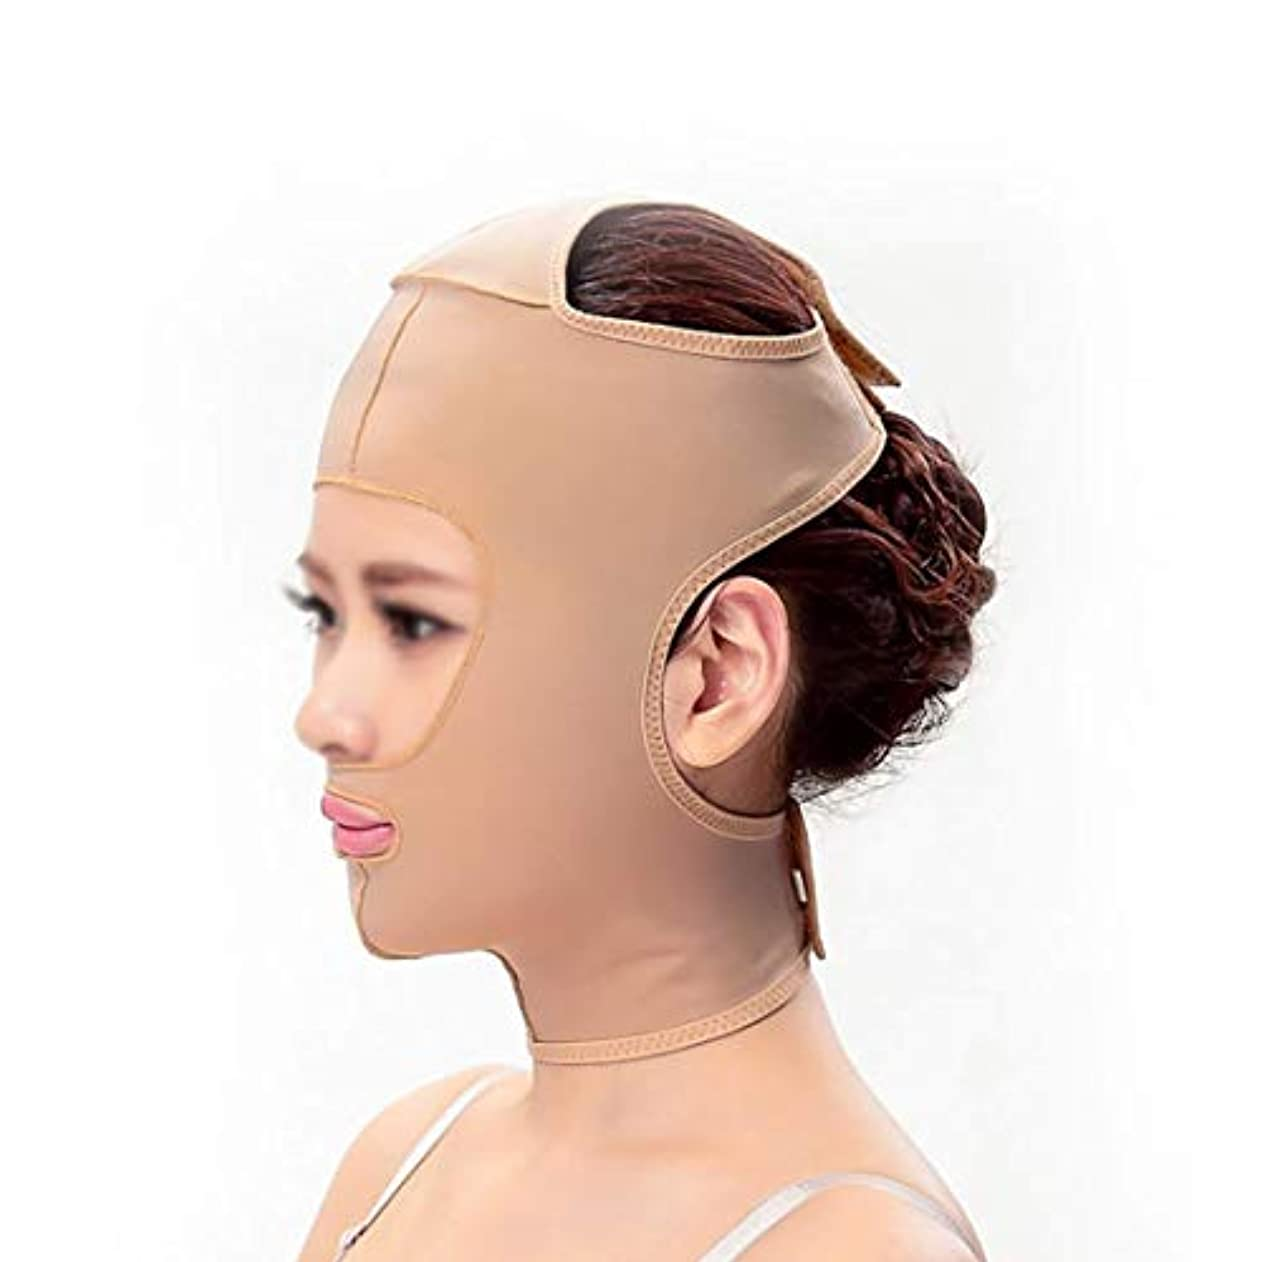 乱暴な最大の葡萄スリミングベルト、フェイシャルマスクフェイスマスクフェイスプラスチック顔アーティファクト強力な顔の包帯を引き締めるダブルあごを持ち上げるパターンを布布する(サイズ:Xl)